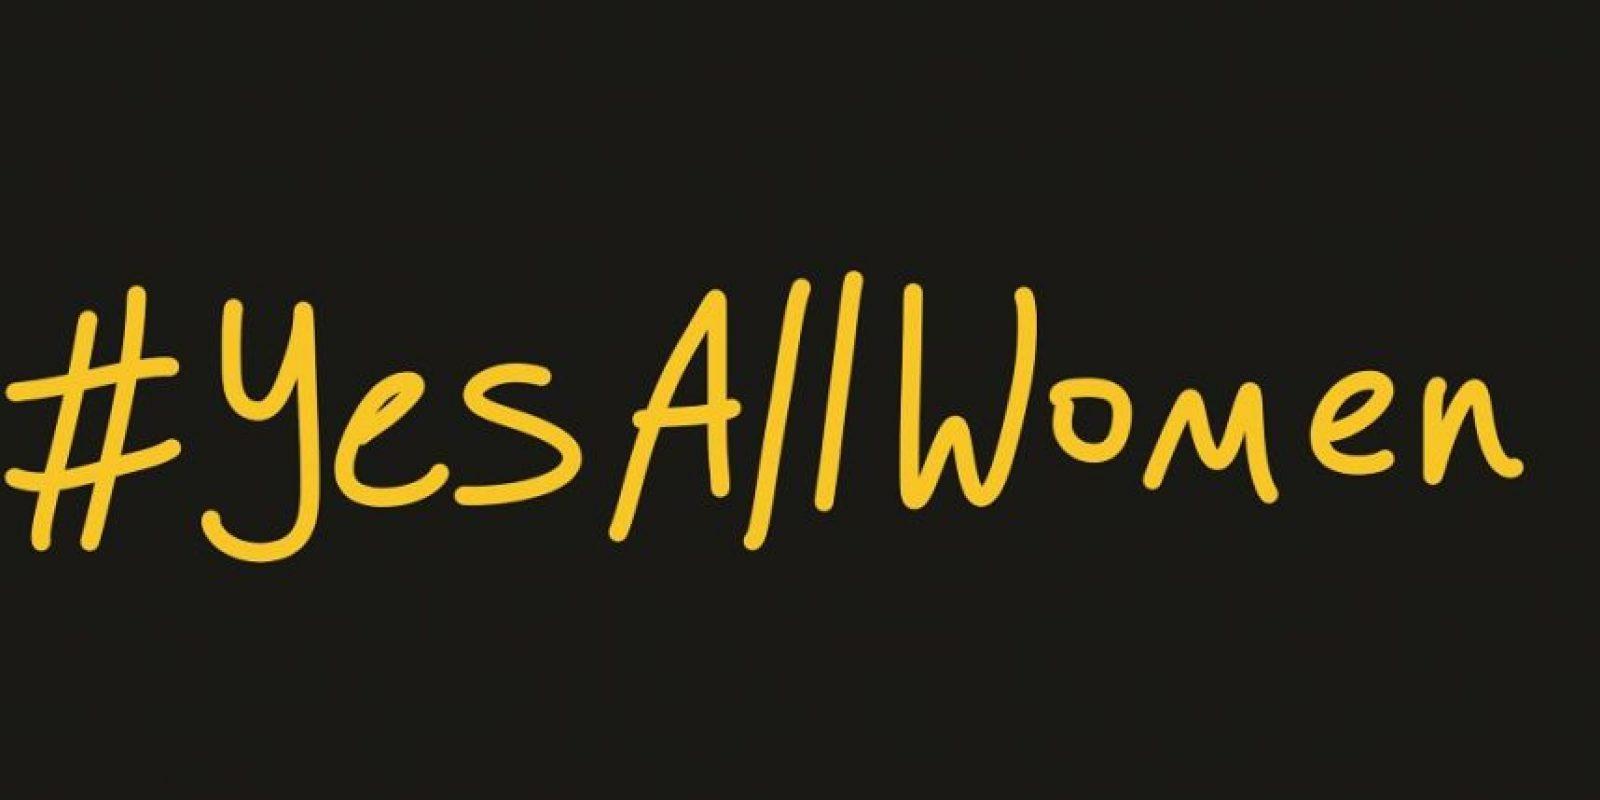 4- #YesAllWomen. Elliot Rodger asesinó a seis personas en una comunidad cerca de la Universidad de California en Santa Bárbara, en mayo de 2014. En su video de YouTube explicó que quería castigar a las mujeres que lo rechazaron por años. La campaña #YesAllWomen fue creada después de esta tragedia para generar conciencia sobre el sexismo y compartir ejemplos o historias de la misoginia y la violencia. Foto:Fuente externa